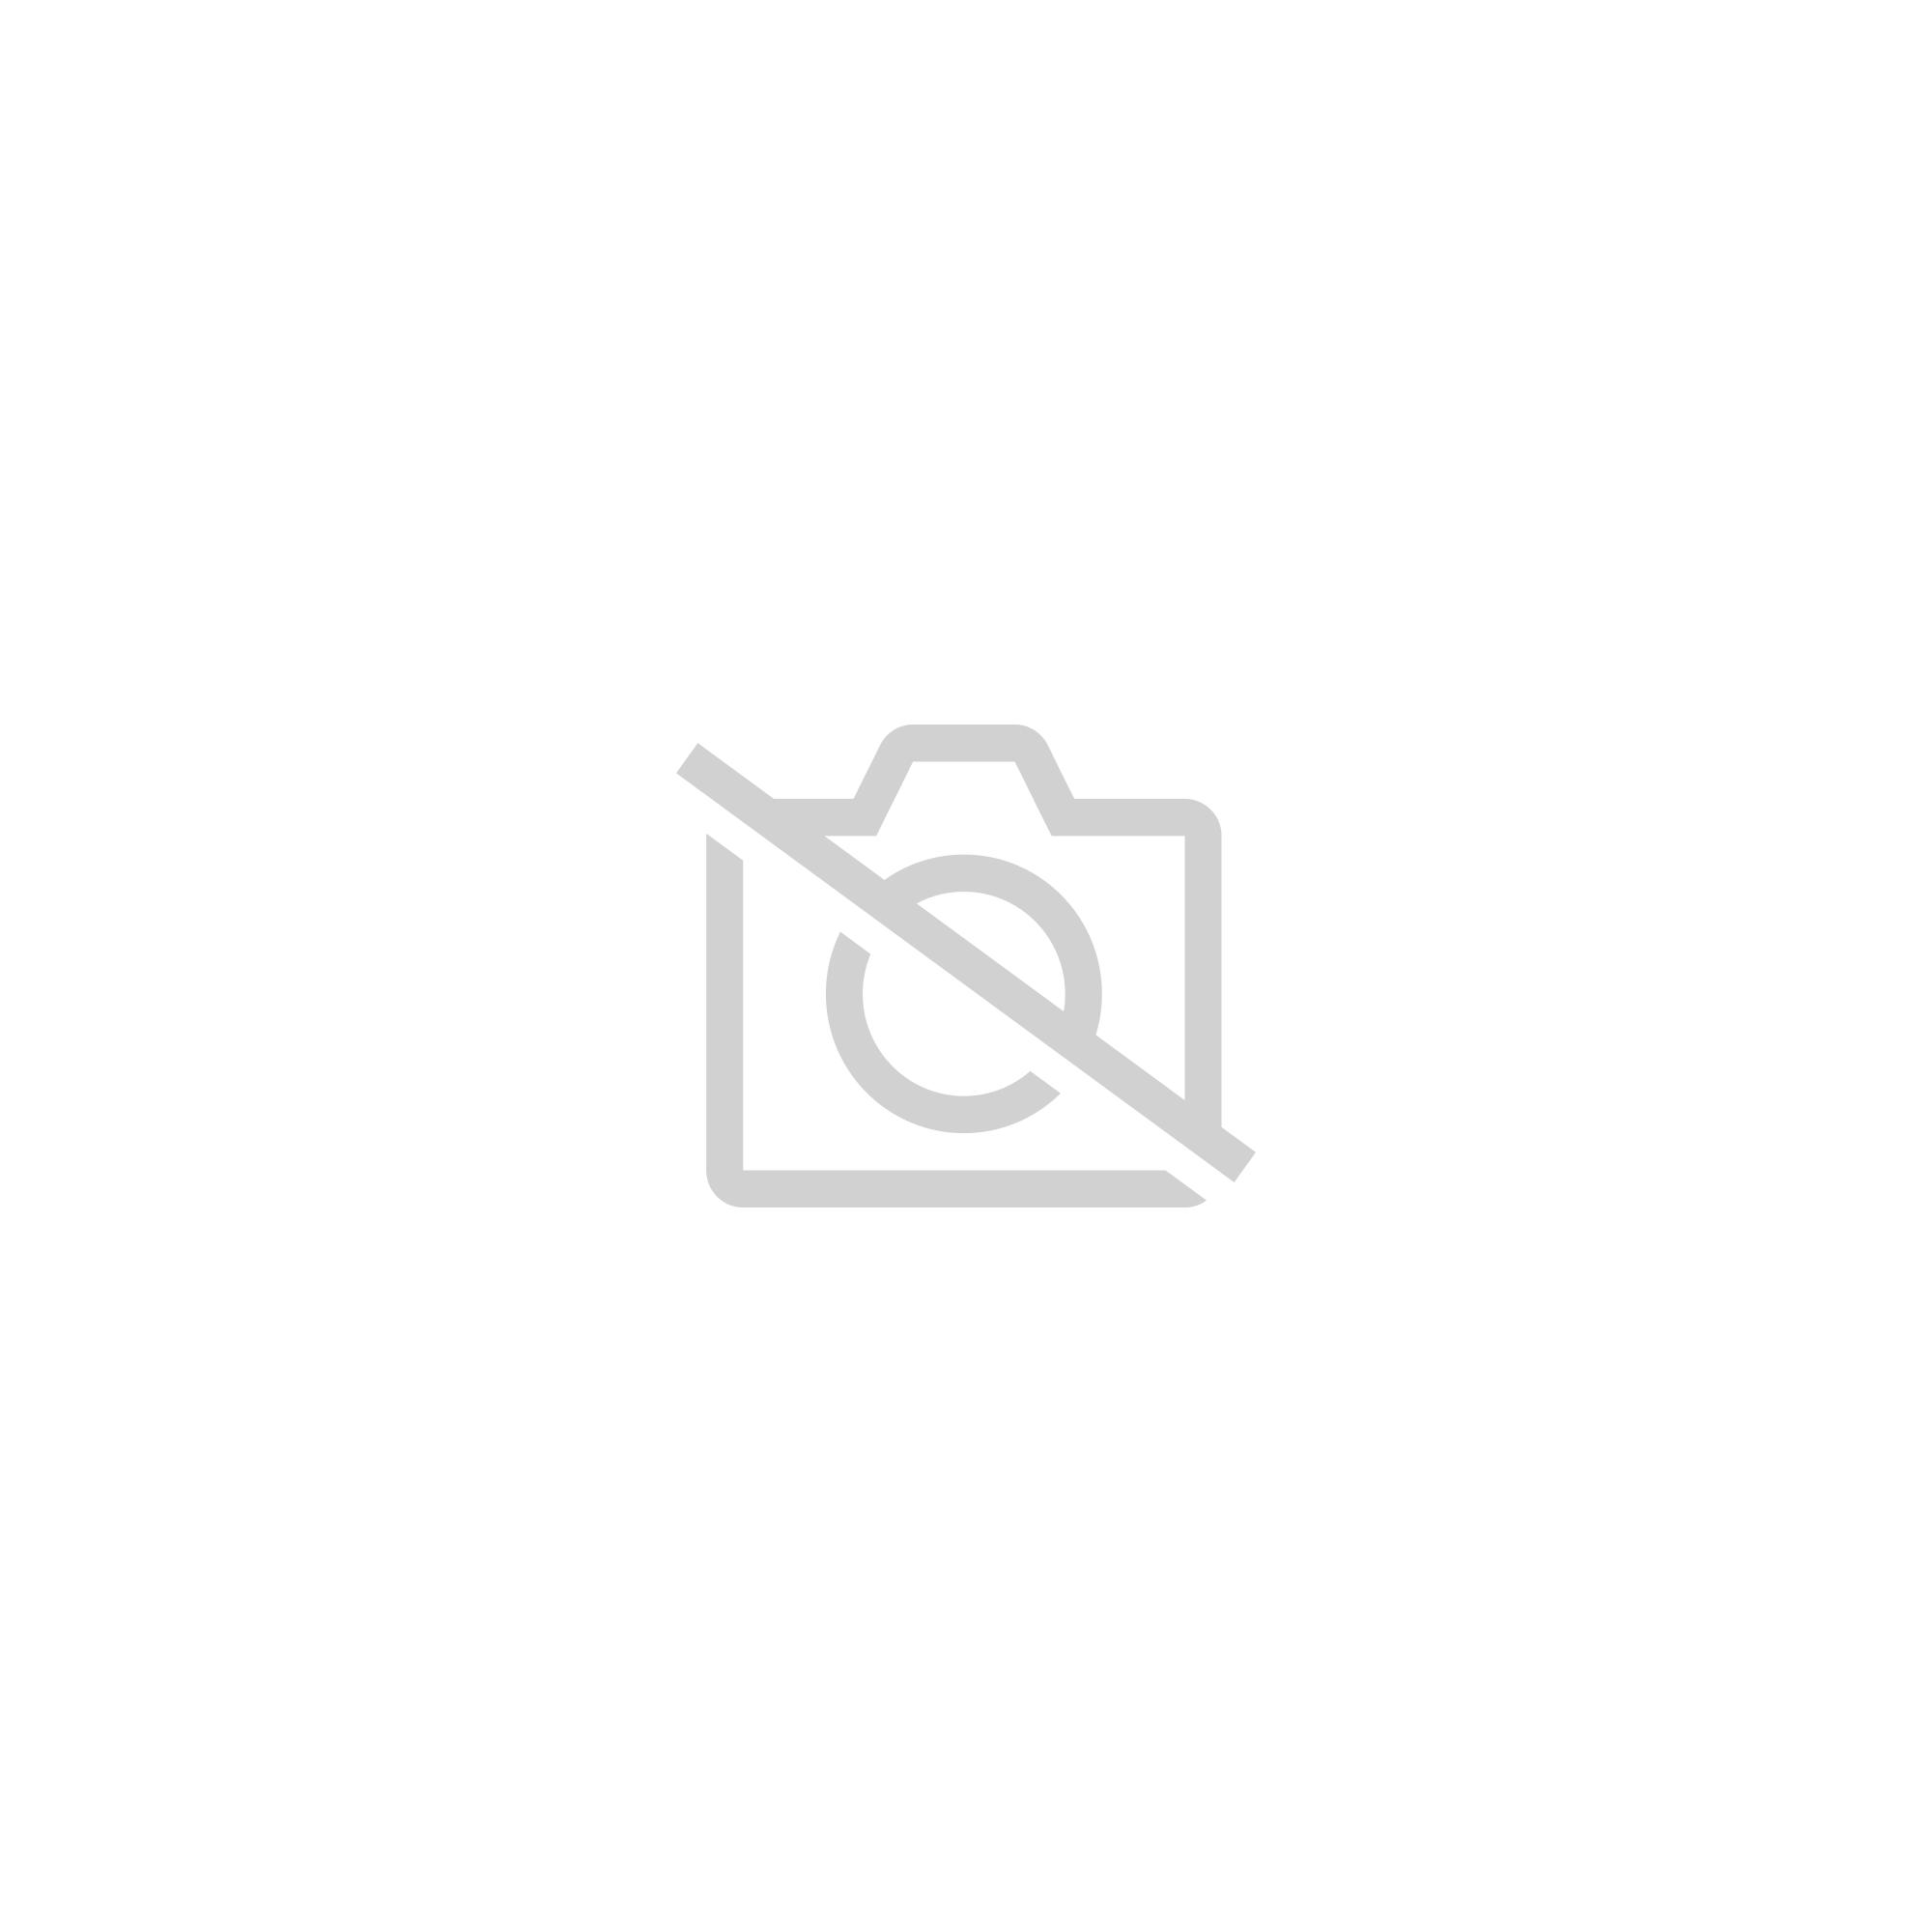 LUXBURG 14 Pouces de Housse Sacoche Pochette pour Ordinateur Portable//Tablet Plus Tapis De Souris pour Apple Acer ASUS Chromebook Dell HP Lenovo Samsung Sony Toshiba